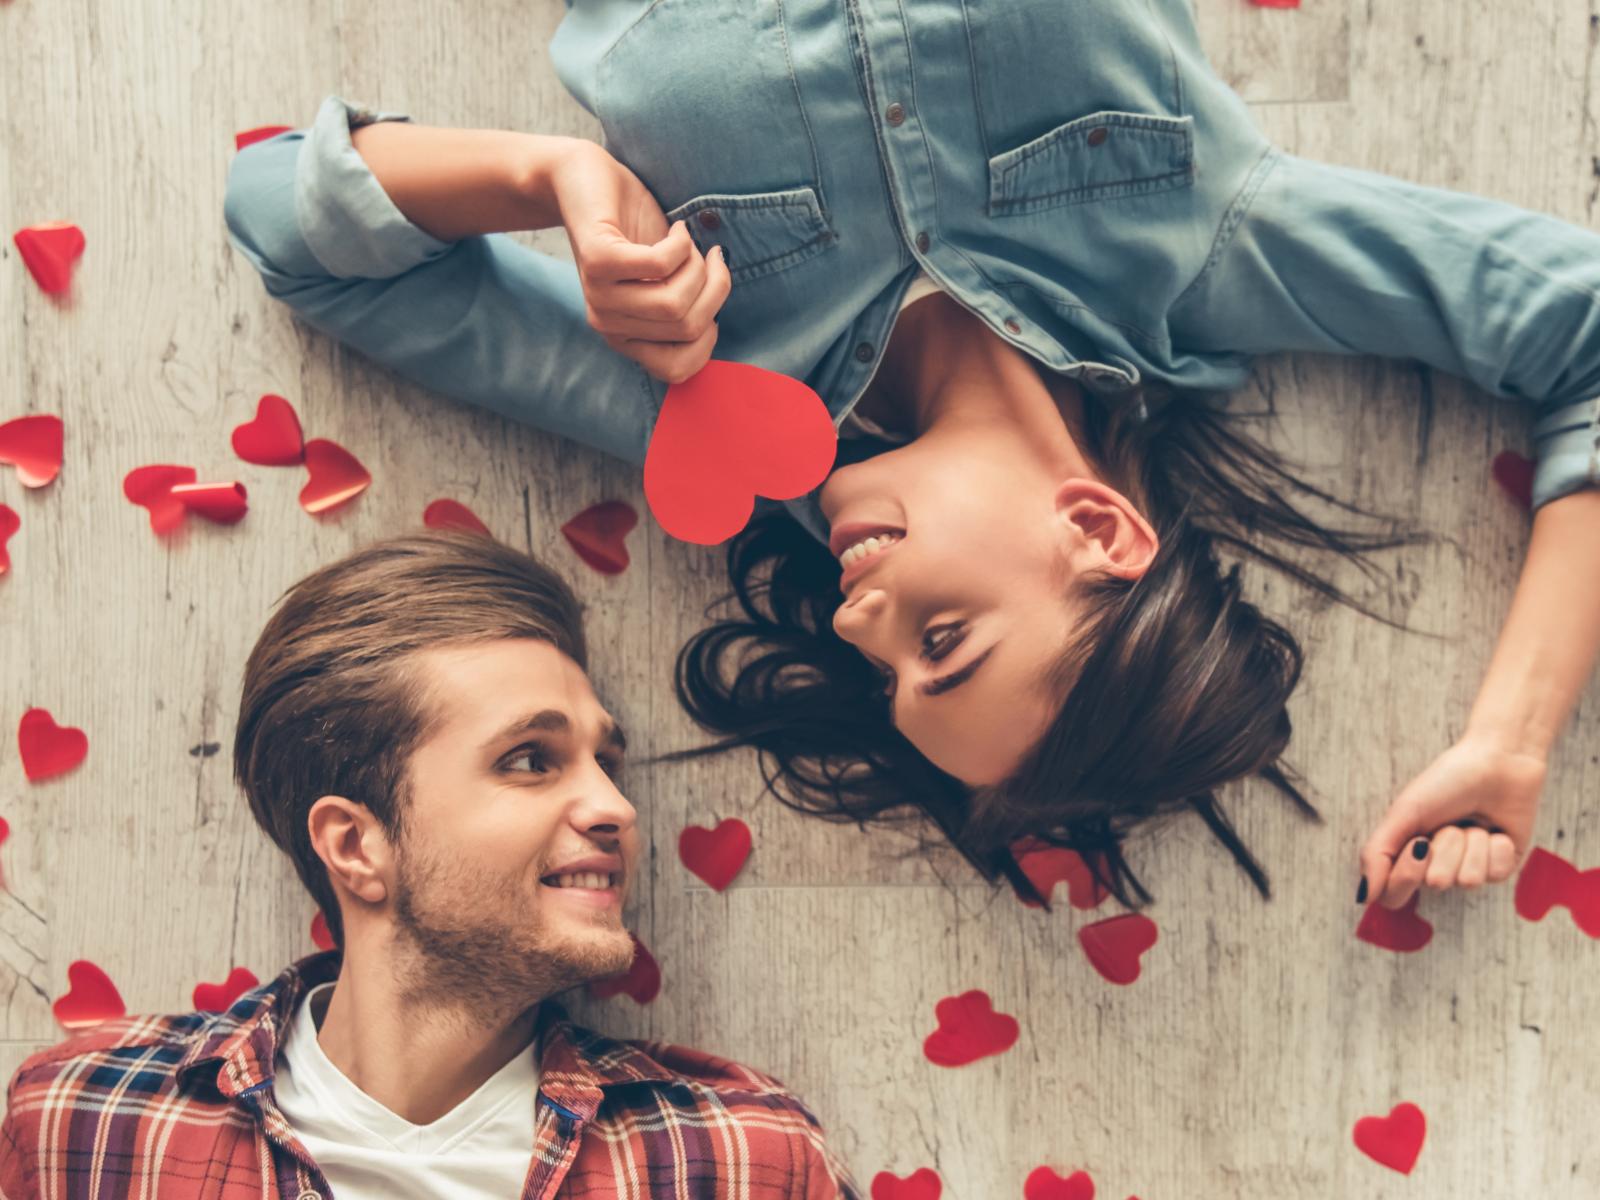 Romantische Valentijn ideeën voor thuis